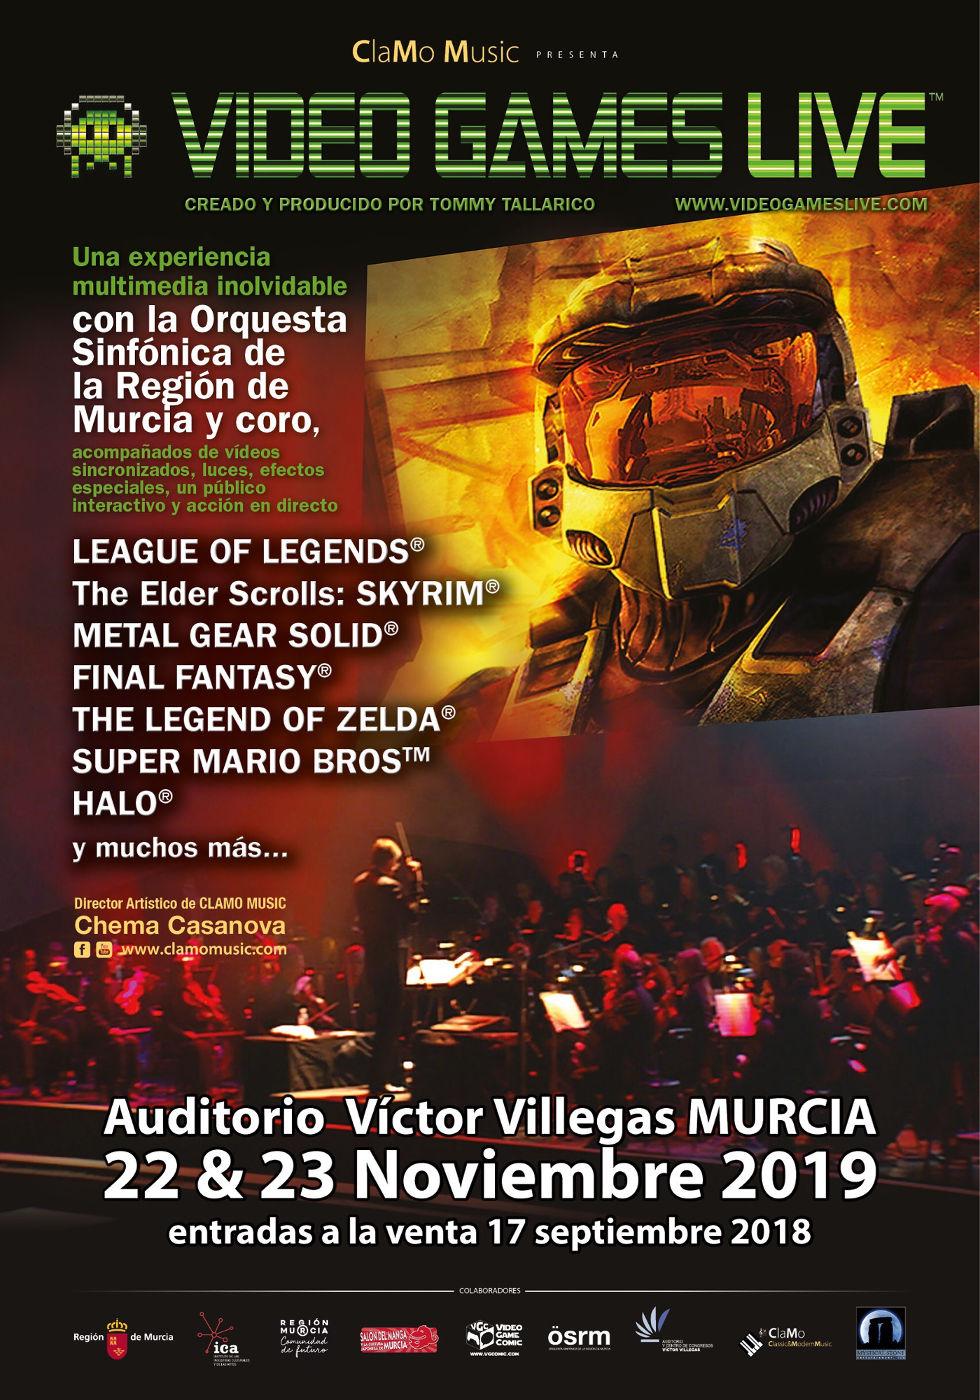 Video Games Live in Murcia